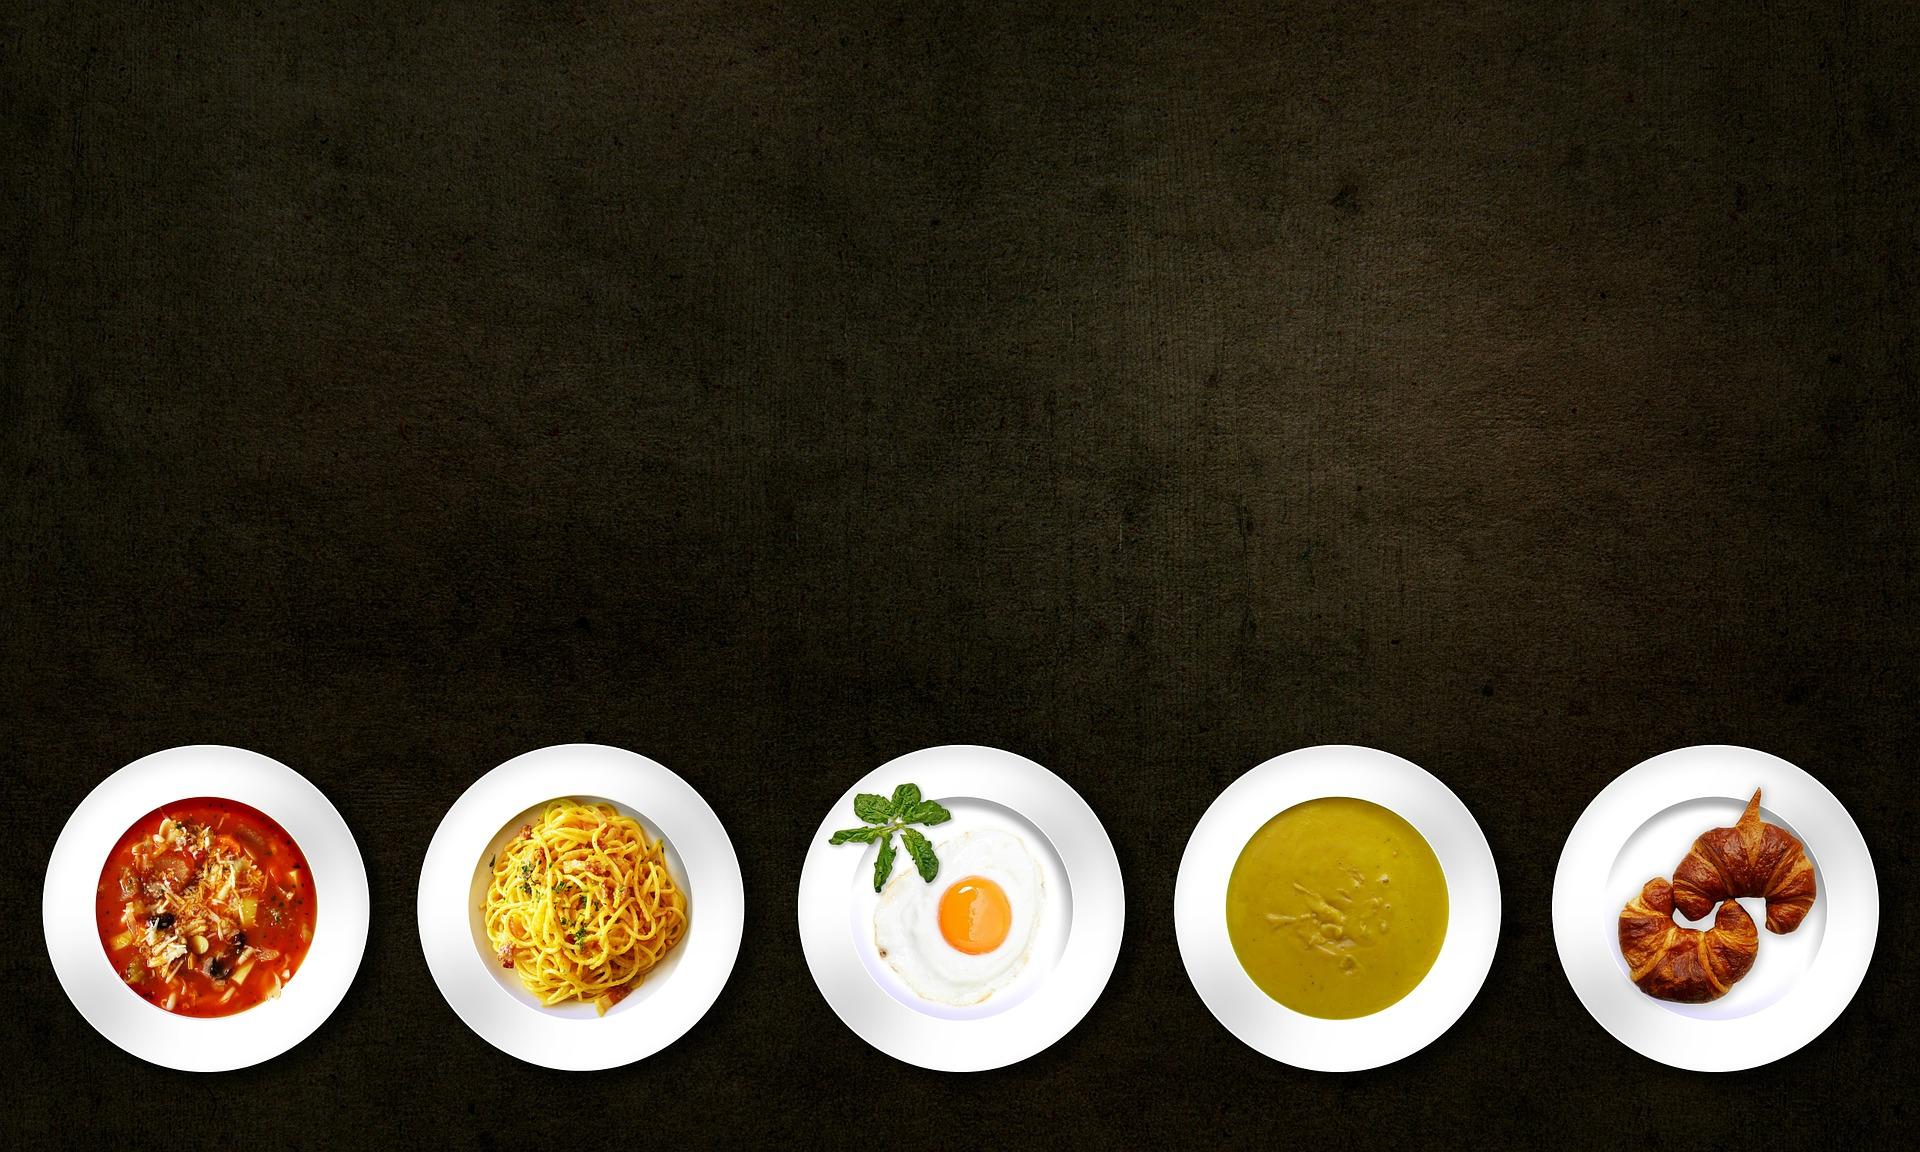 ユーグレナは少量でも栄養の詰まった完全栄養食!植物と動物の栄養をもつハイブリッドスーパーフード!